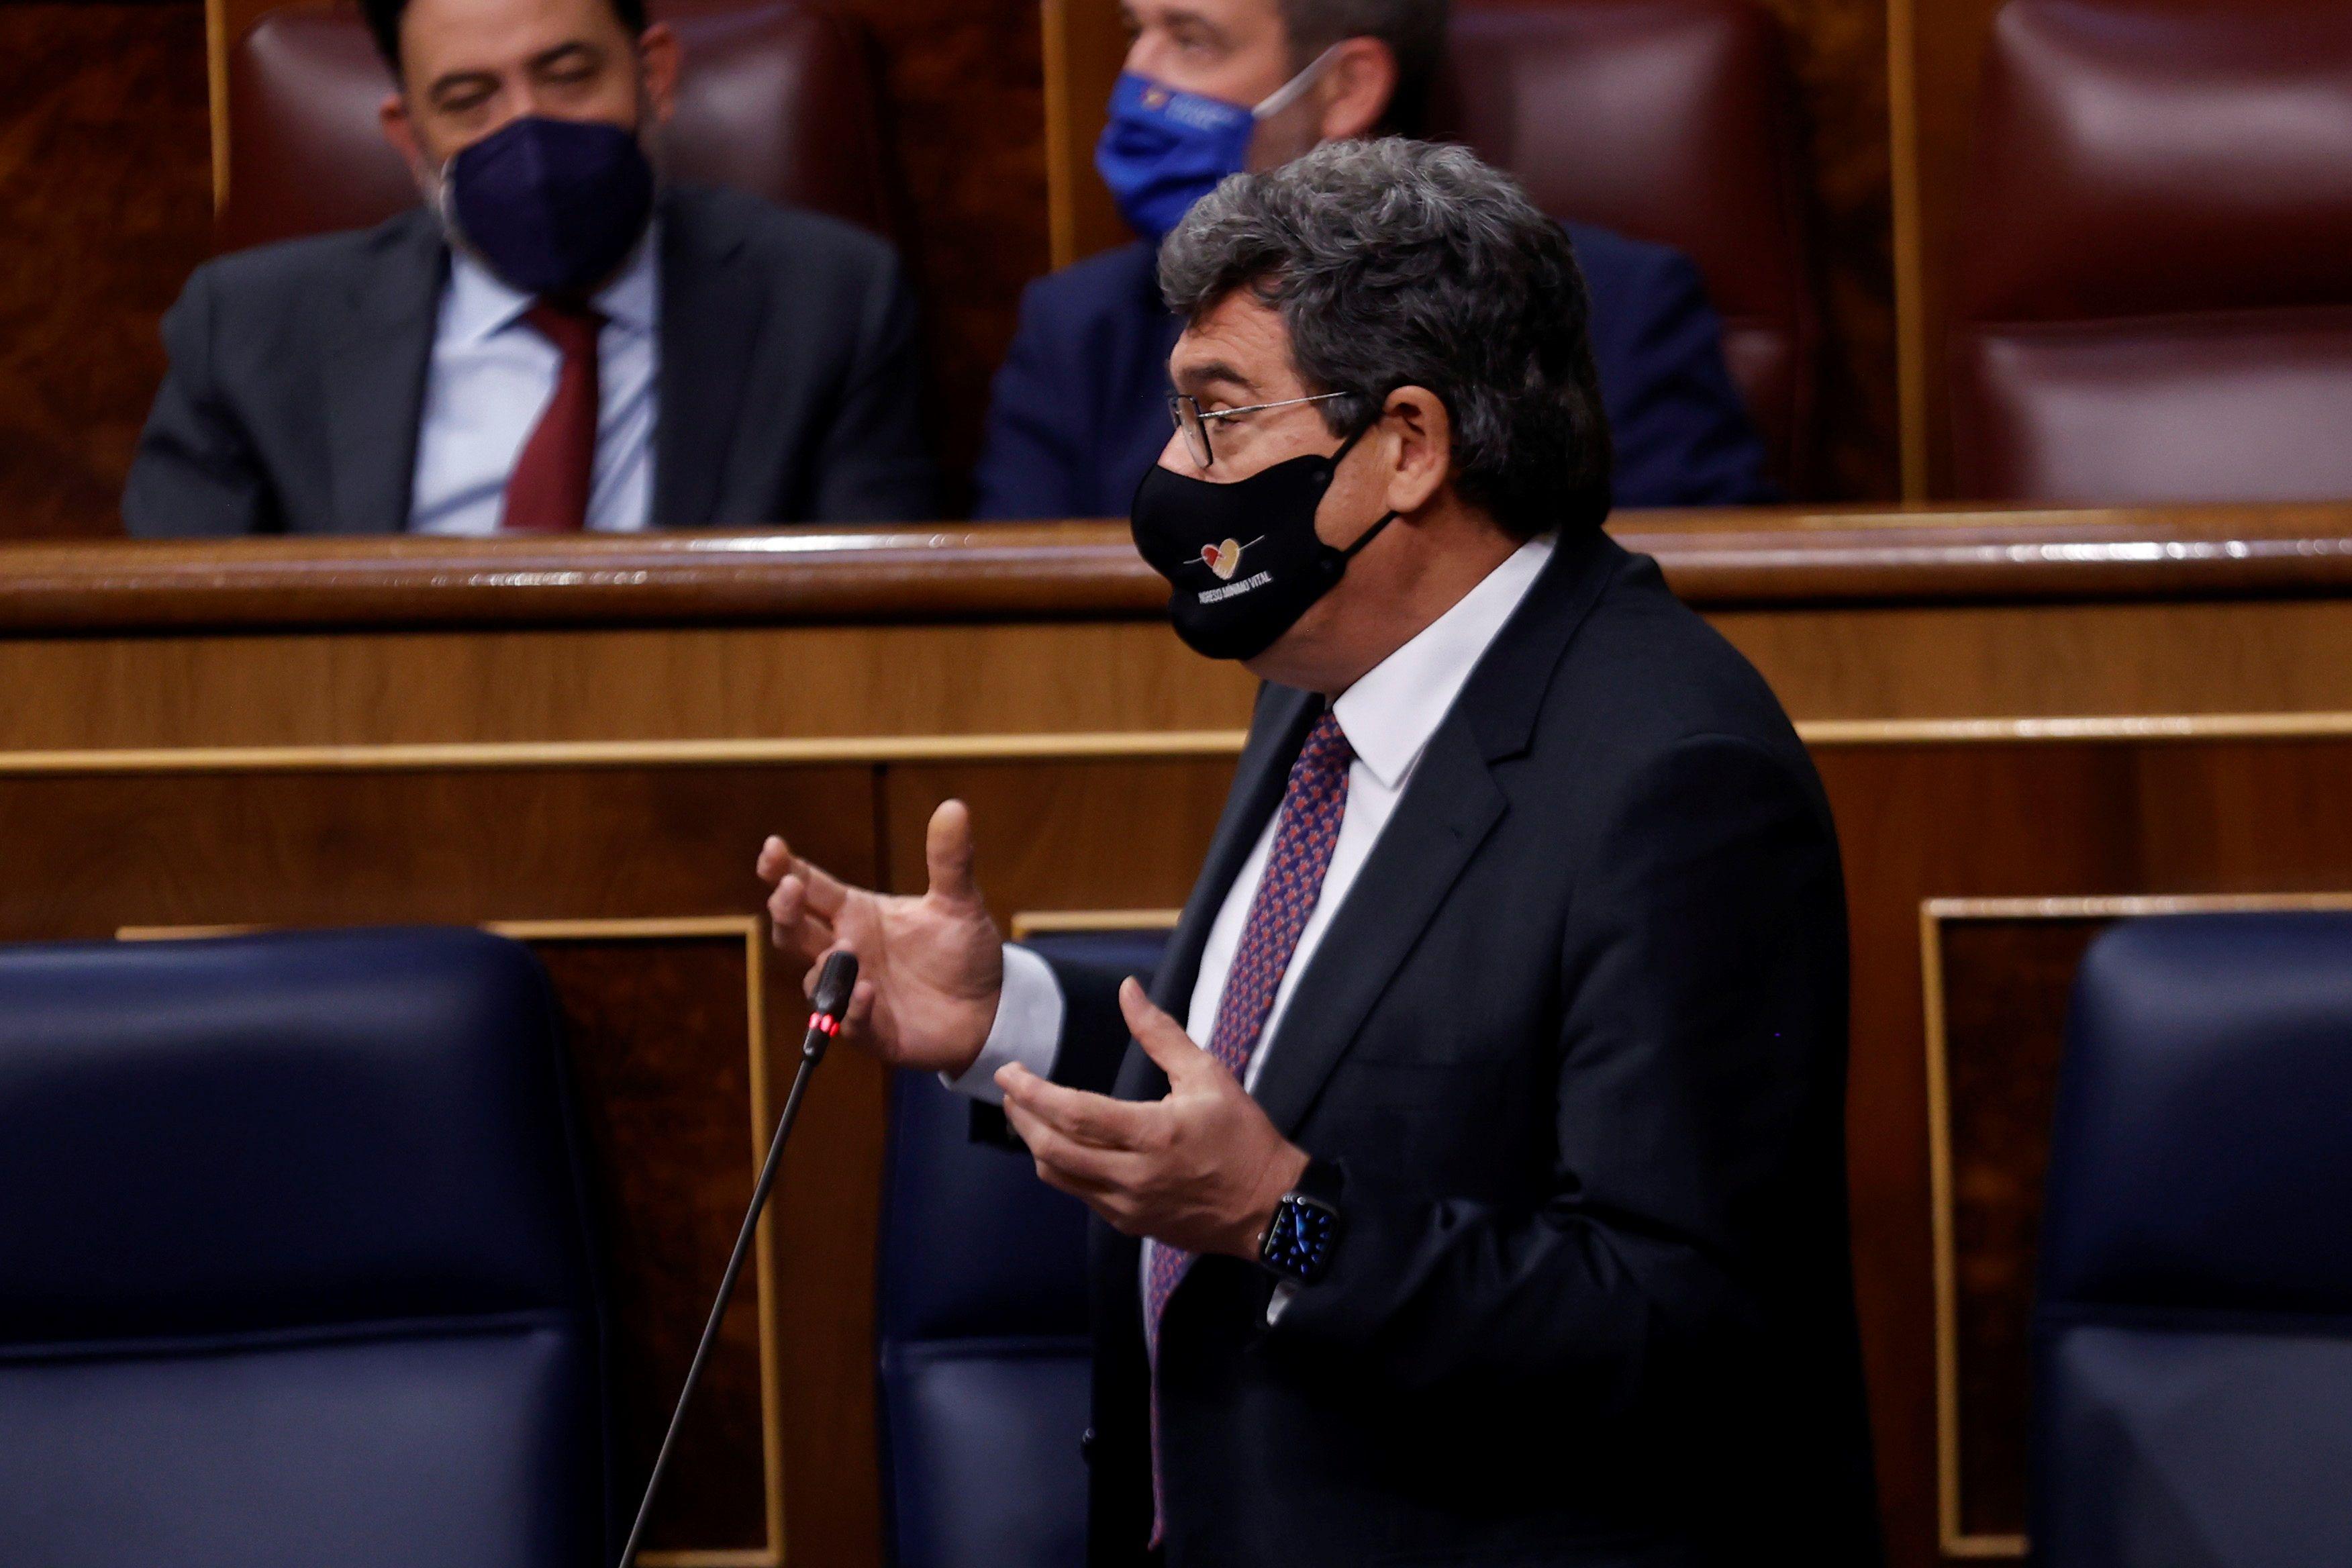 José Luis Escrivá interviene en una sesión de control al Ejecutivo en el Congreso.